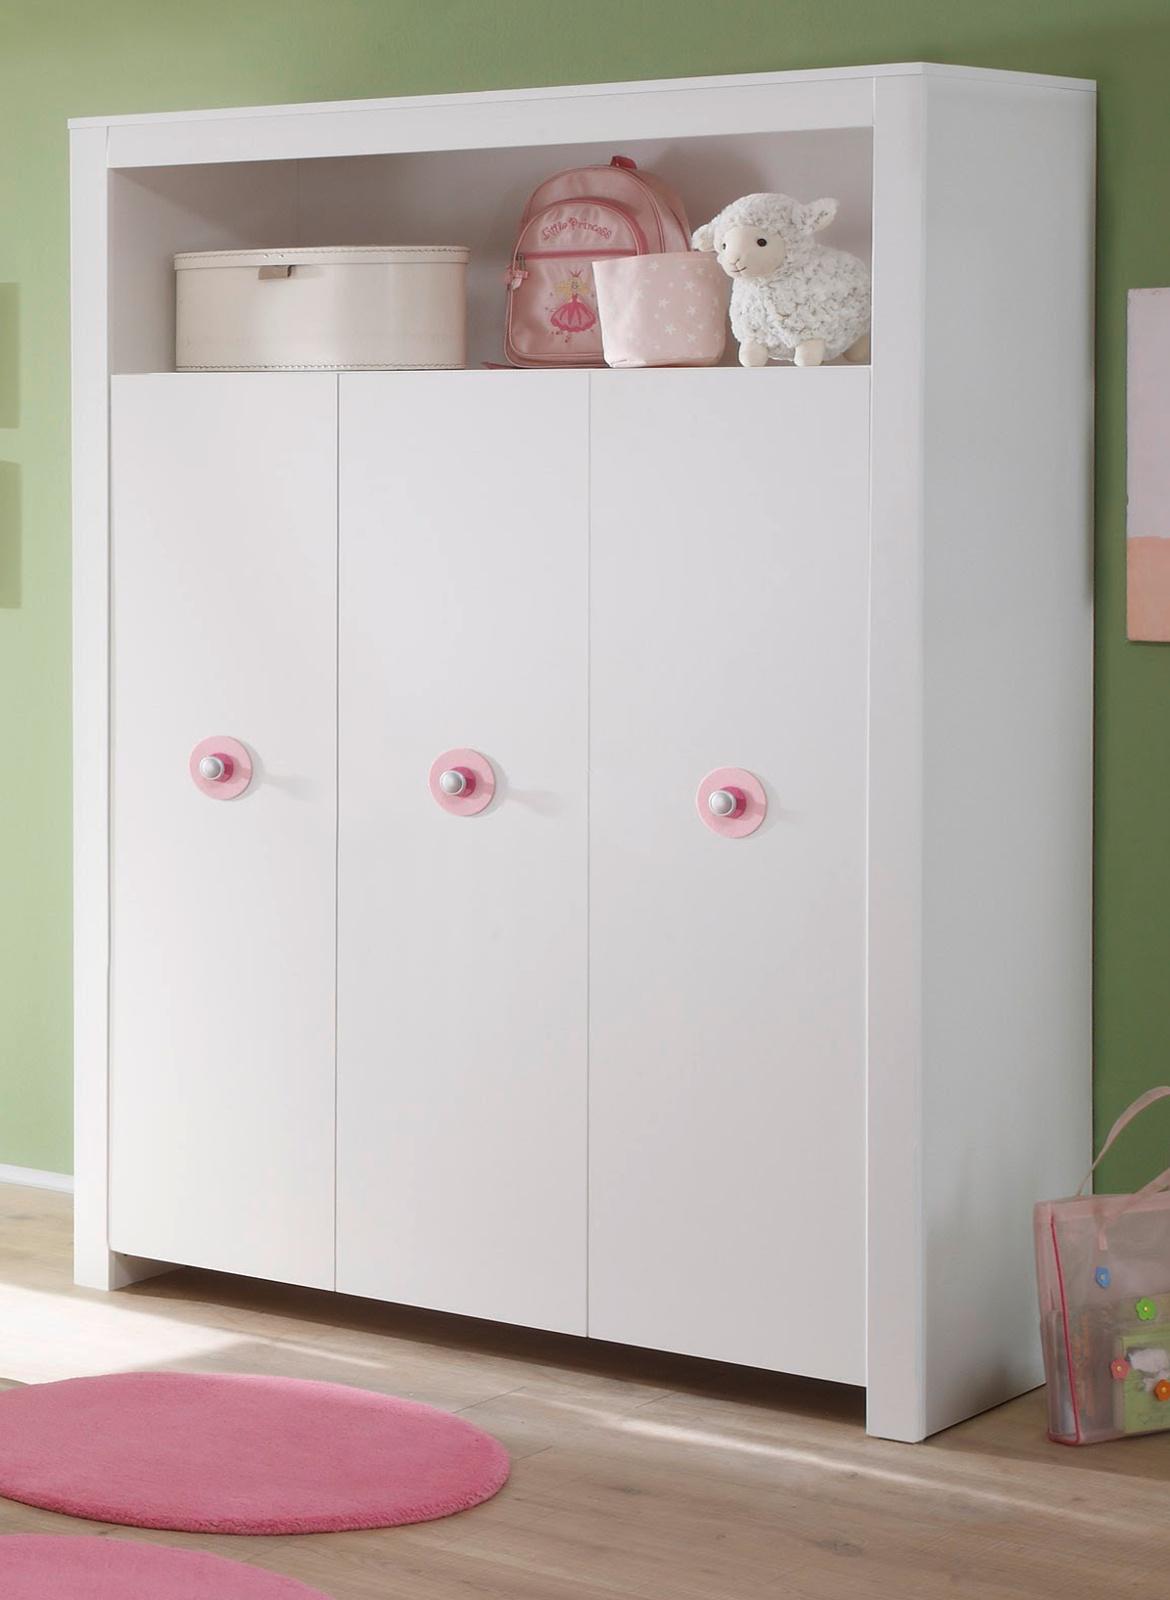 baby schrank kleiderschrank weiß 3-türig rosa kinderzimmer möbel ... - Eckkleiderschrank Weis Kinderzimmer